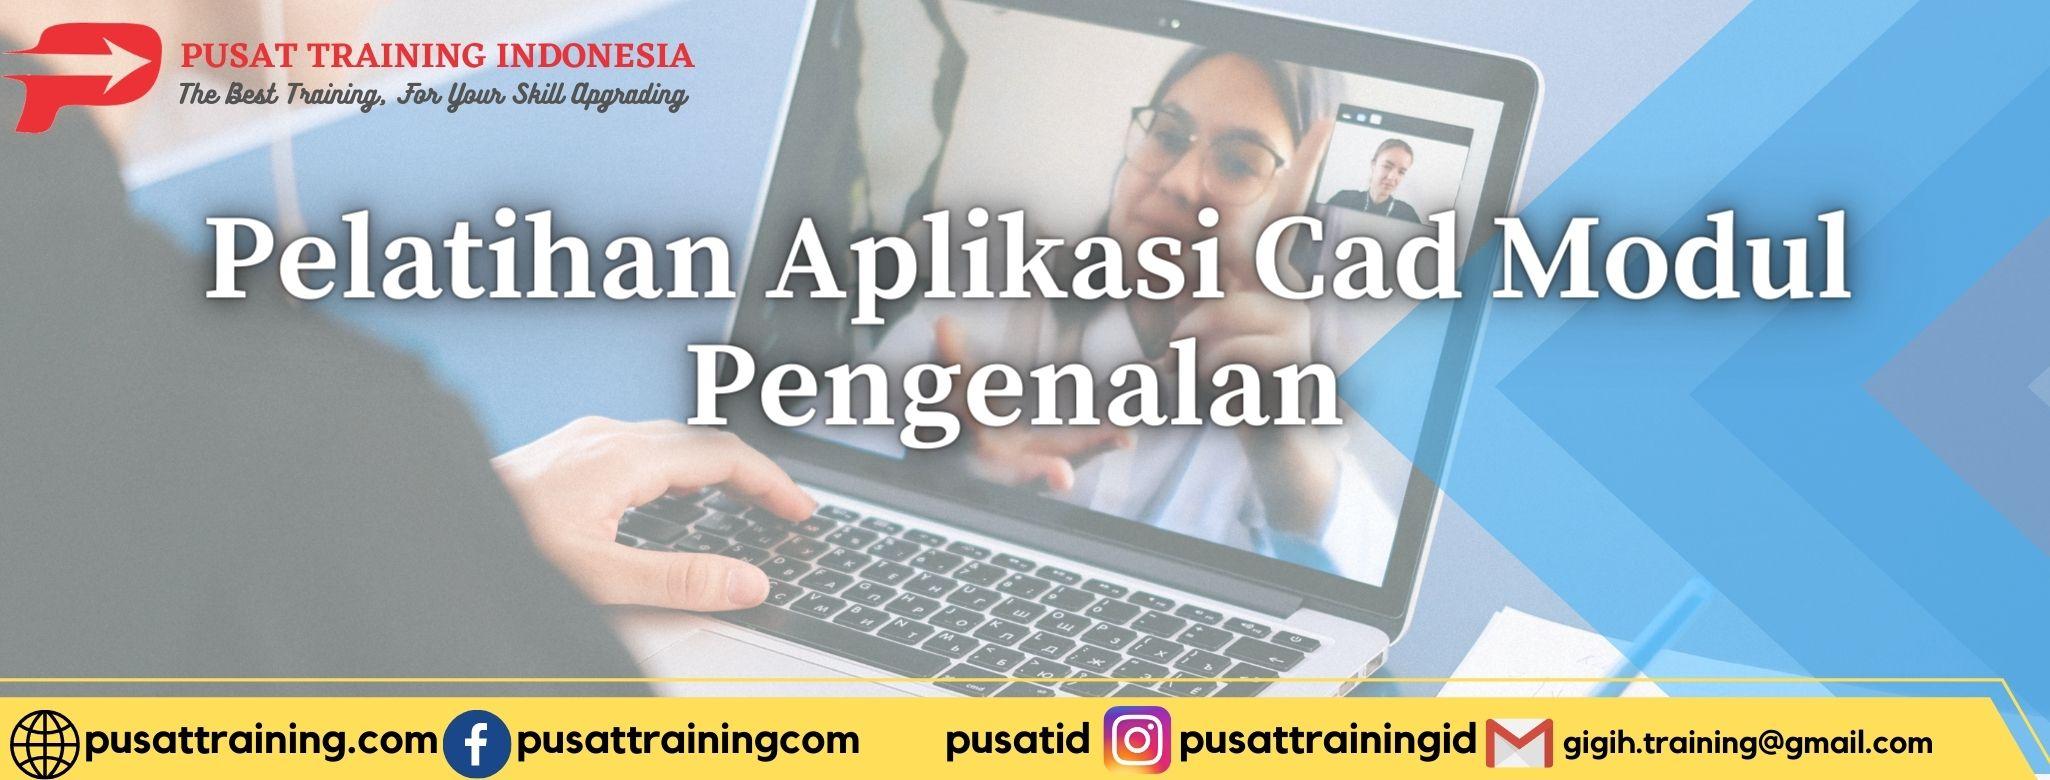 Pelatihan-Aplikasi-Cad-Modul-Pengenalan